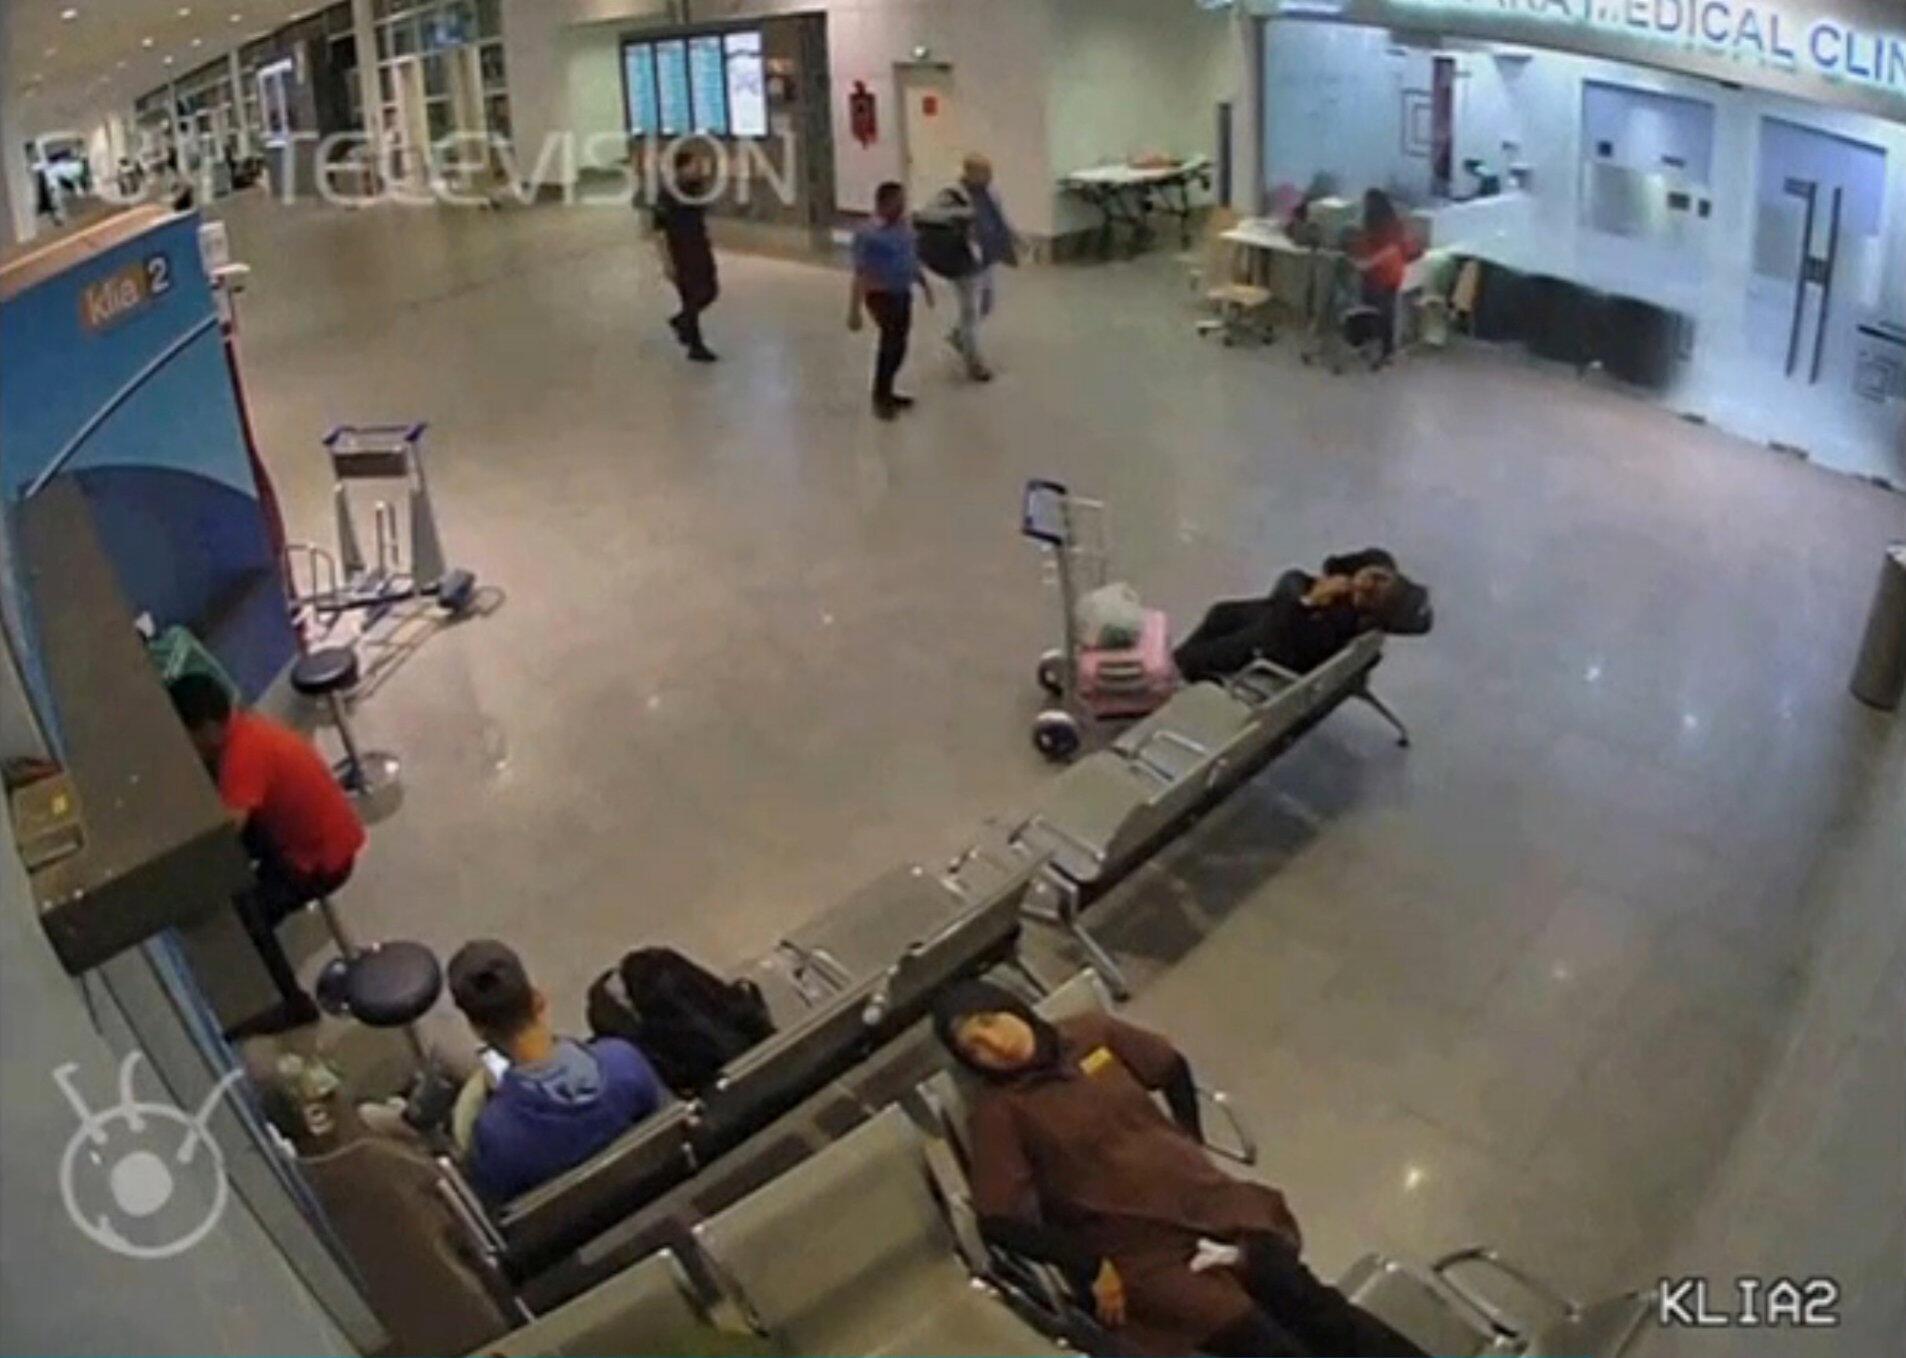 Ảnh camera sân bay Kuala Lumpur: Kim Jong Nam (P) được các nhân viên an ninh tháp tùng đến trạm y tế sân bay, sau khi bị bôi chất độc lên mặt, 13/02/2017.